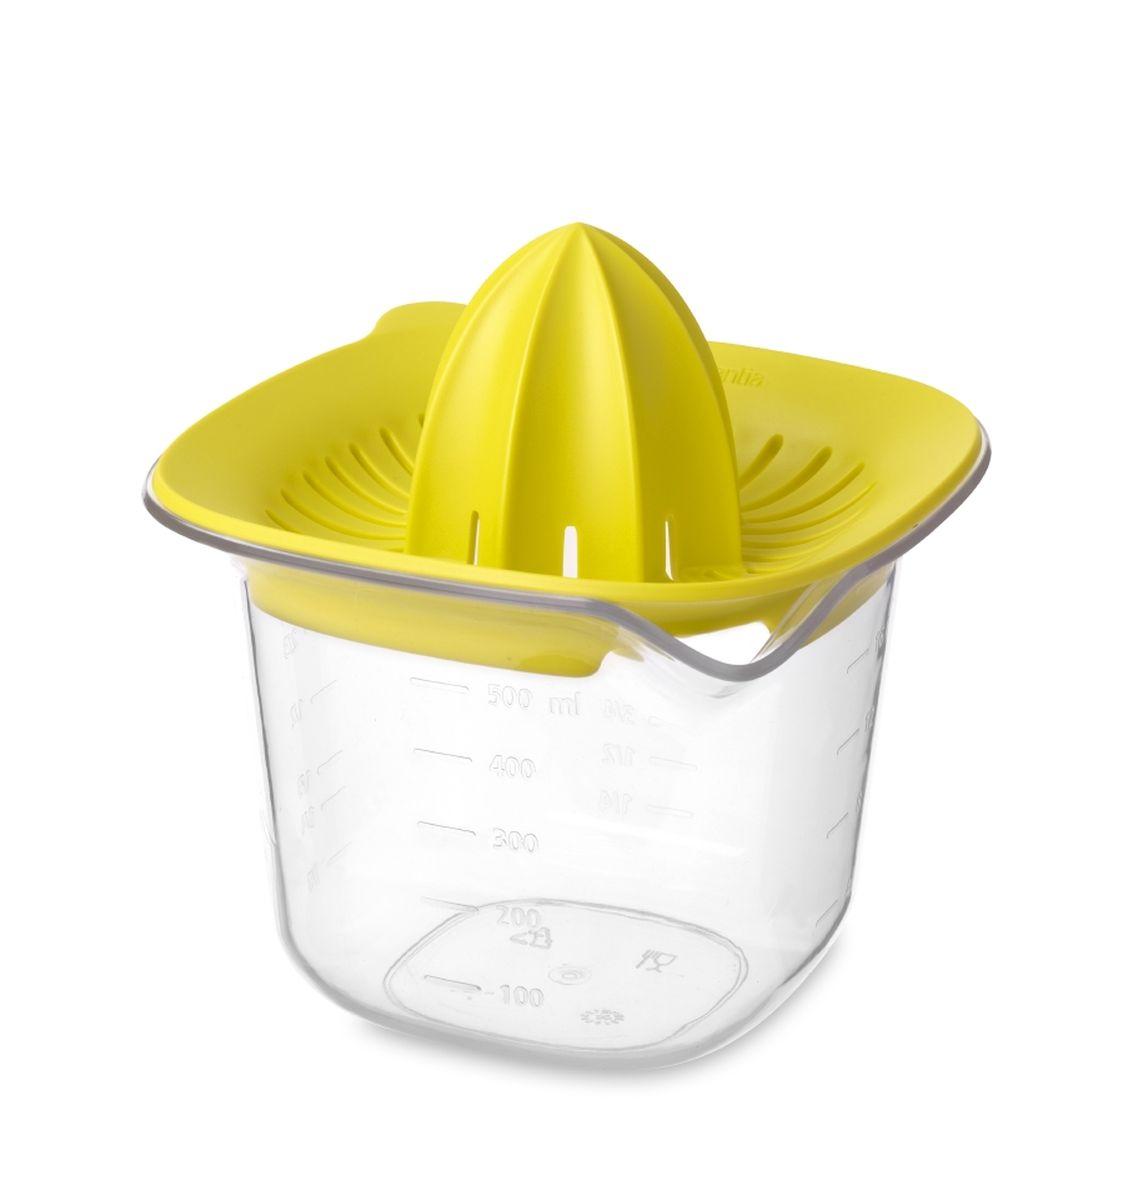 Соковыжималка Brabantia Tasty Colours, цвет: желтый, 500 мл5736-SРучная соковыжималка Brabantia Tasty Colours представляет собой прозрачную емкость для сока и насадку для отжима. Изделие выполнено из высококачественного пластика. Подходит для приготовления сока из любых цитрусовых. Прямоугольная форма позволяет удобно держать изделие во время использования. Емкость имеет четкие мерные деления в мл, пинтах, стаканах и жидких унциях. Изделие можно мыть в посудомоечной машине.